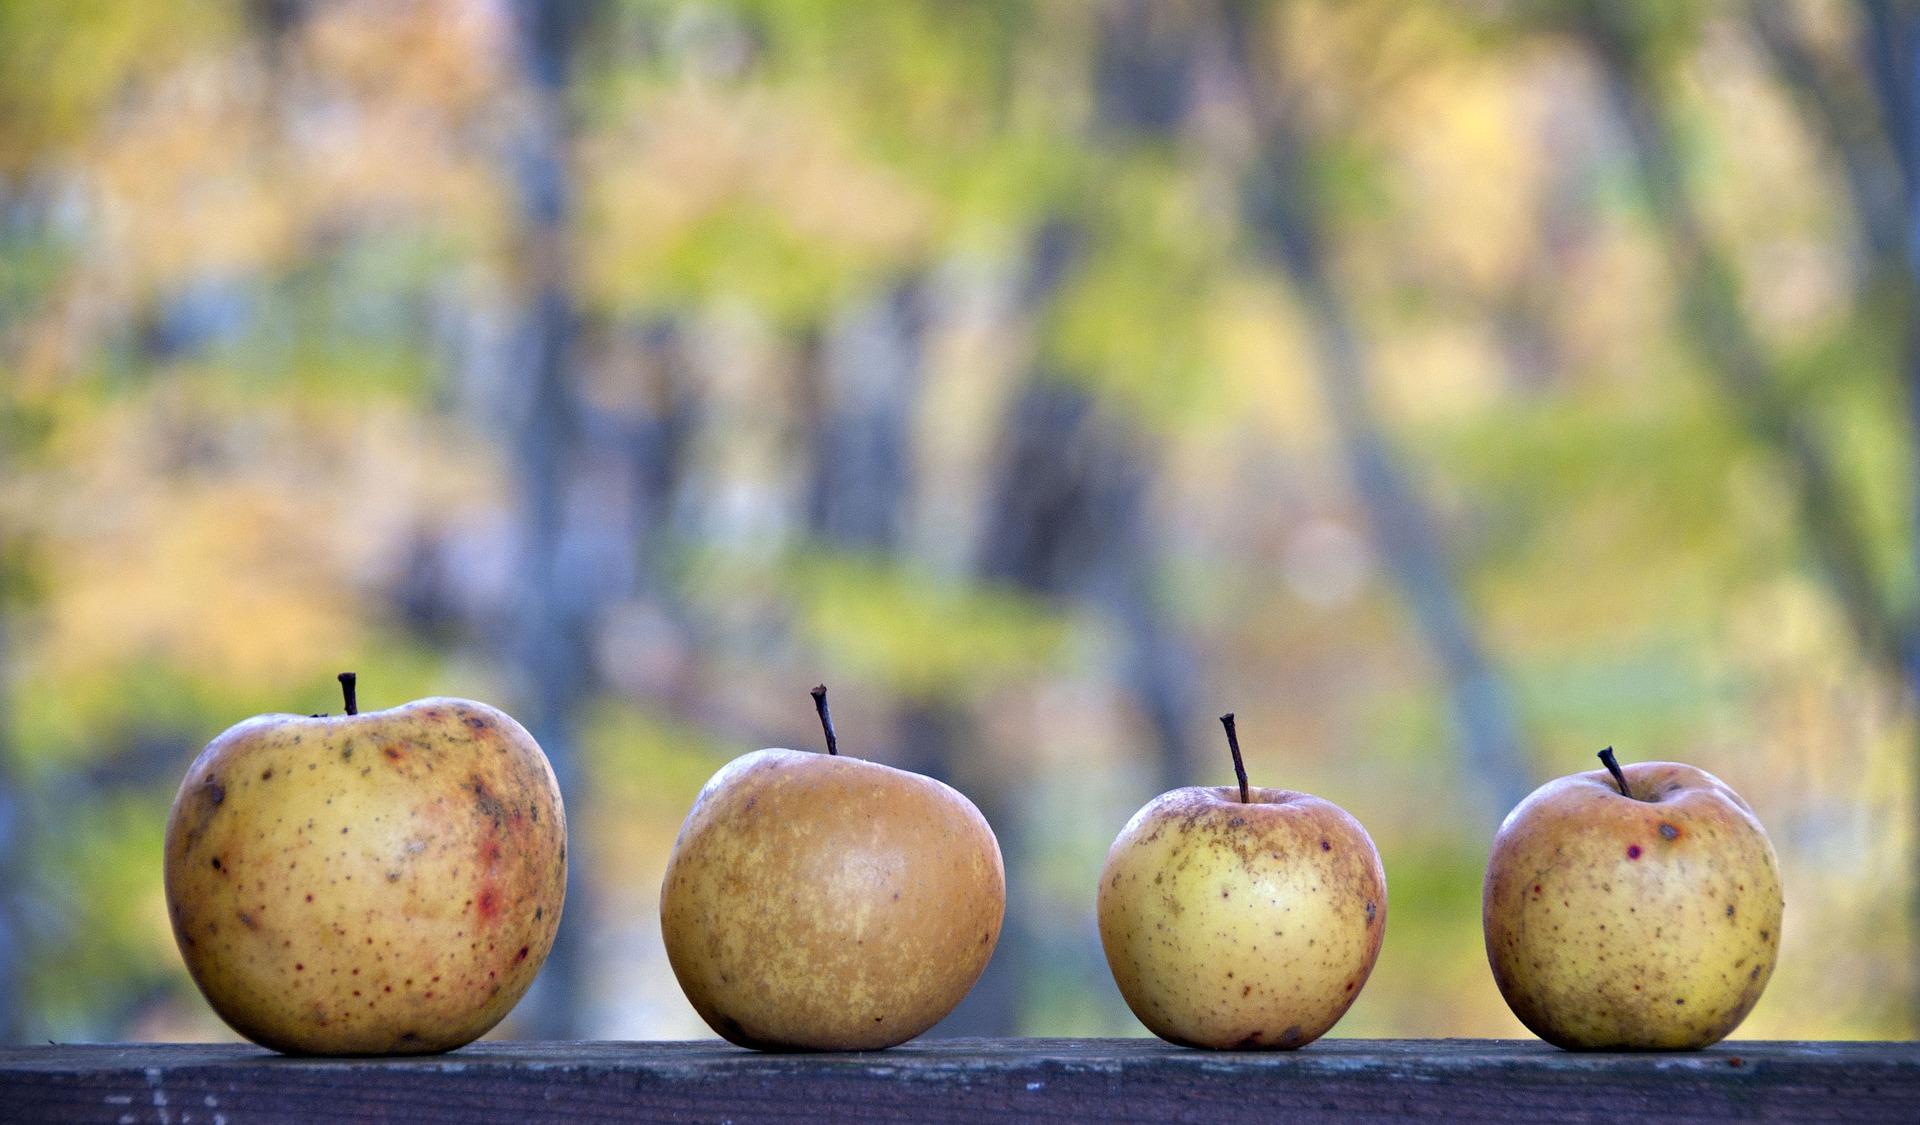 La mela: da alimento naturale a risorsa funzionale